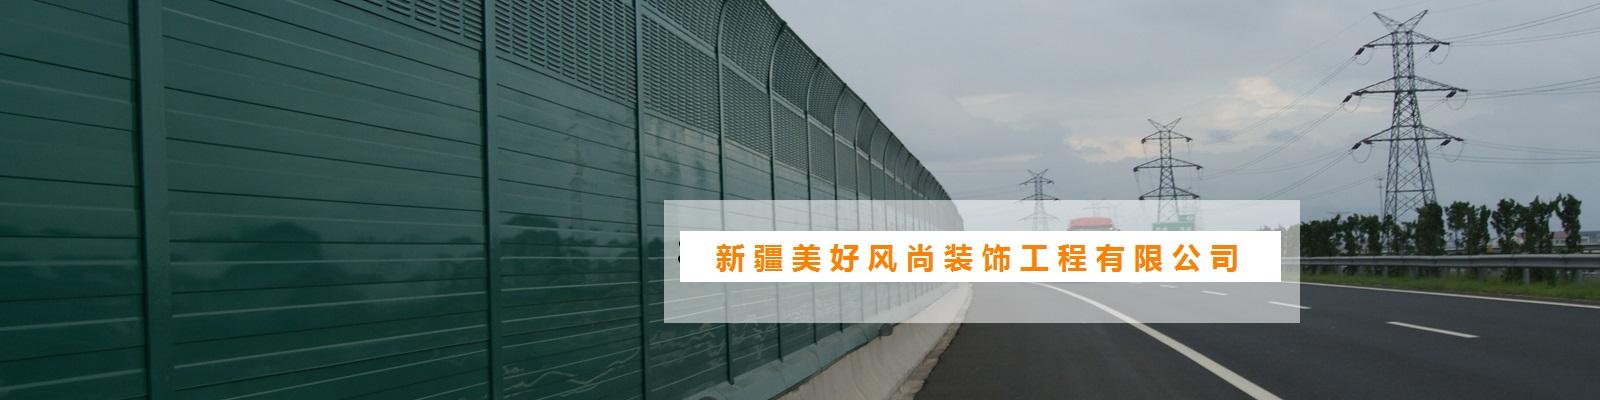 新疆美好风尚装饰工程有限公司